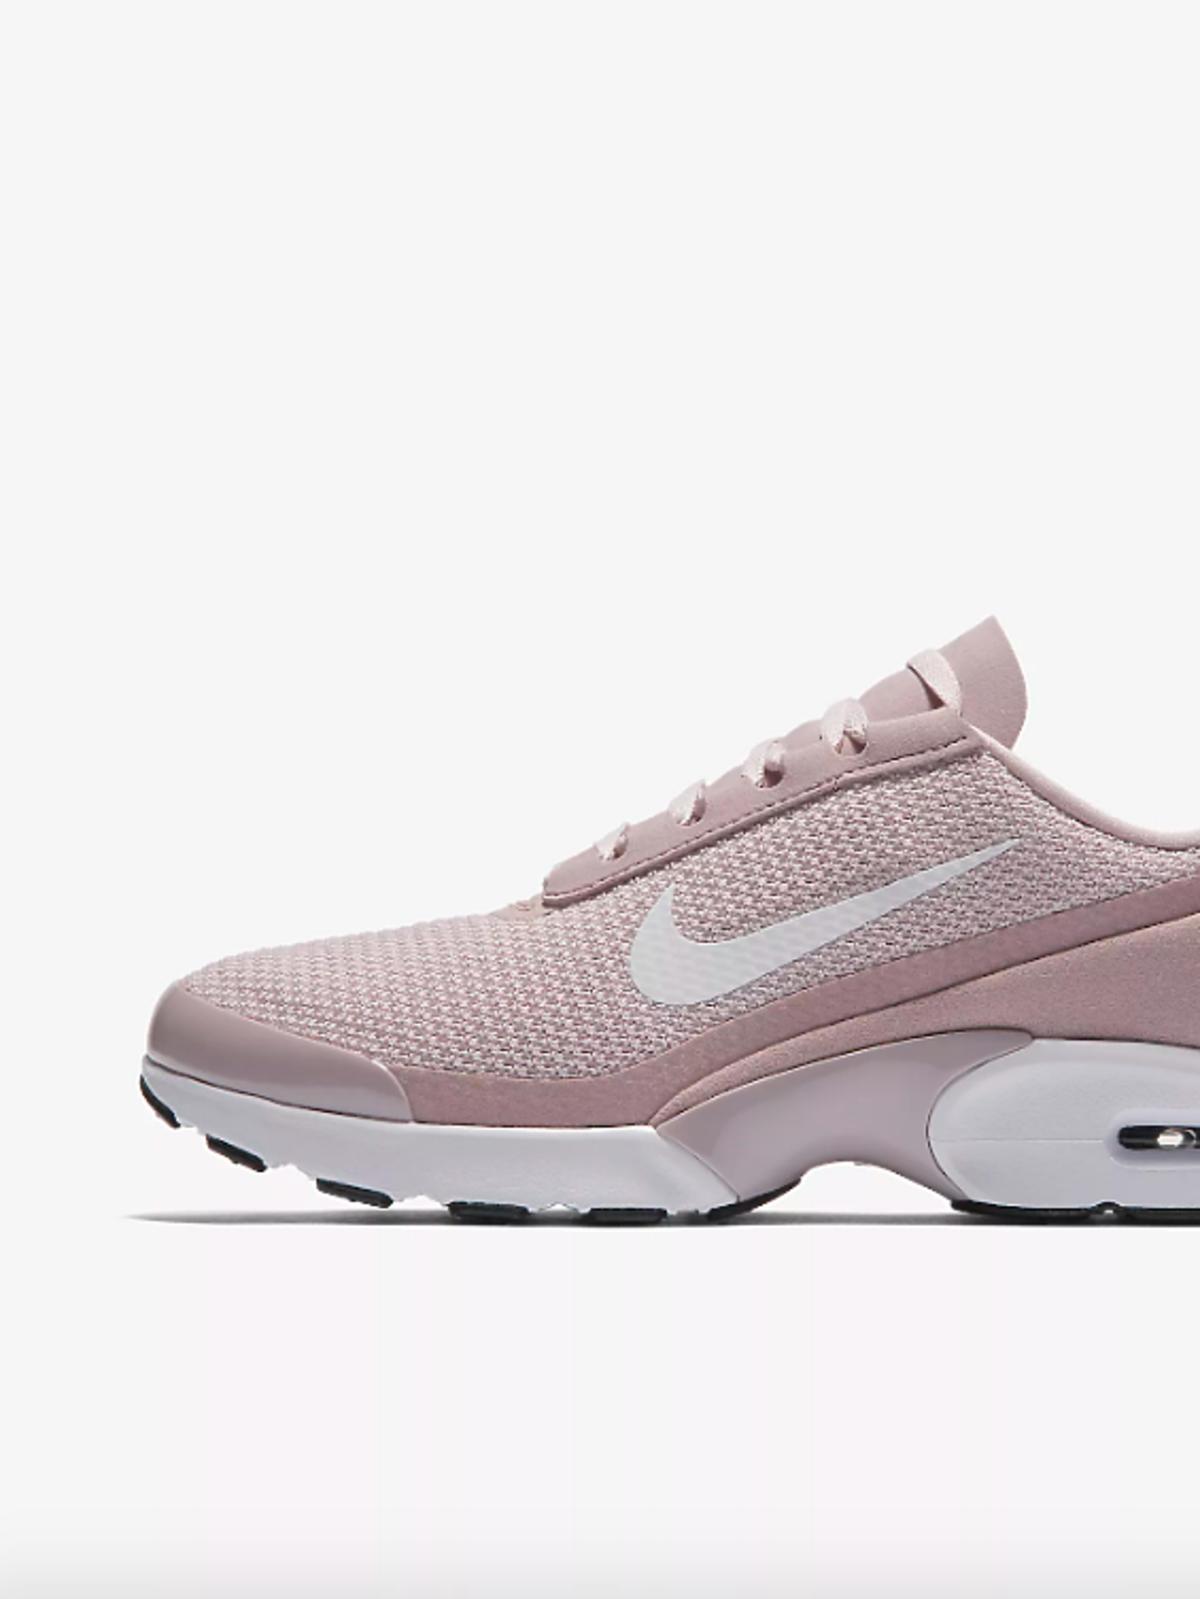 Adidasy Nike, kosztują 335 zł